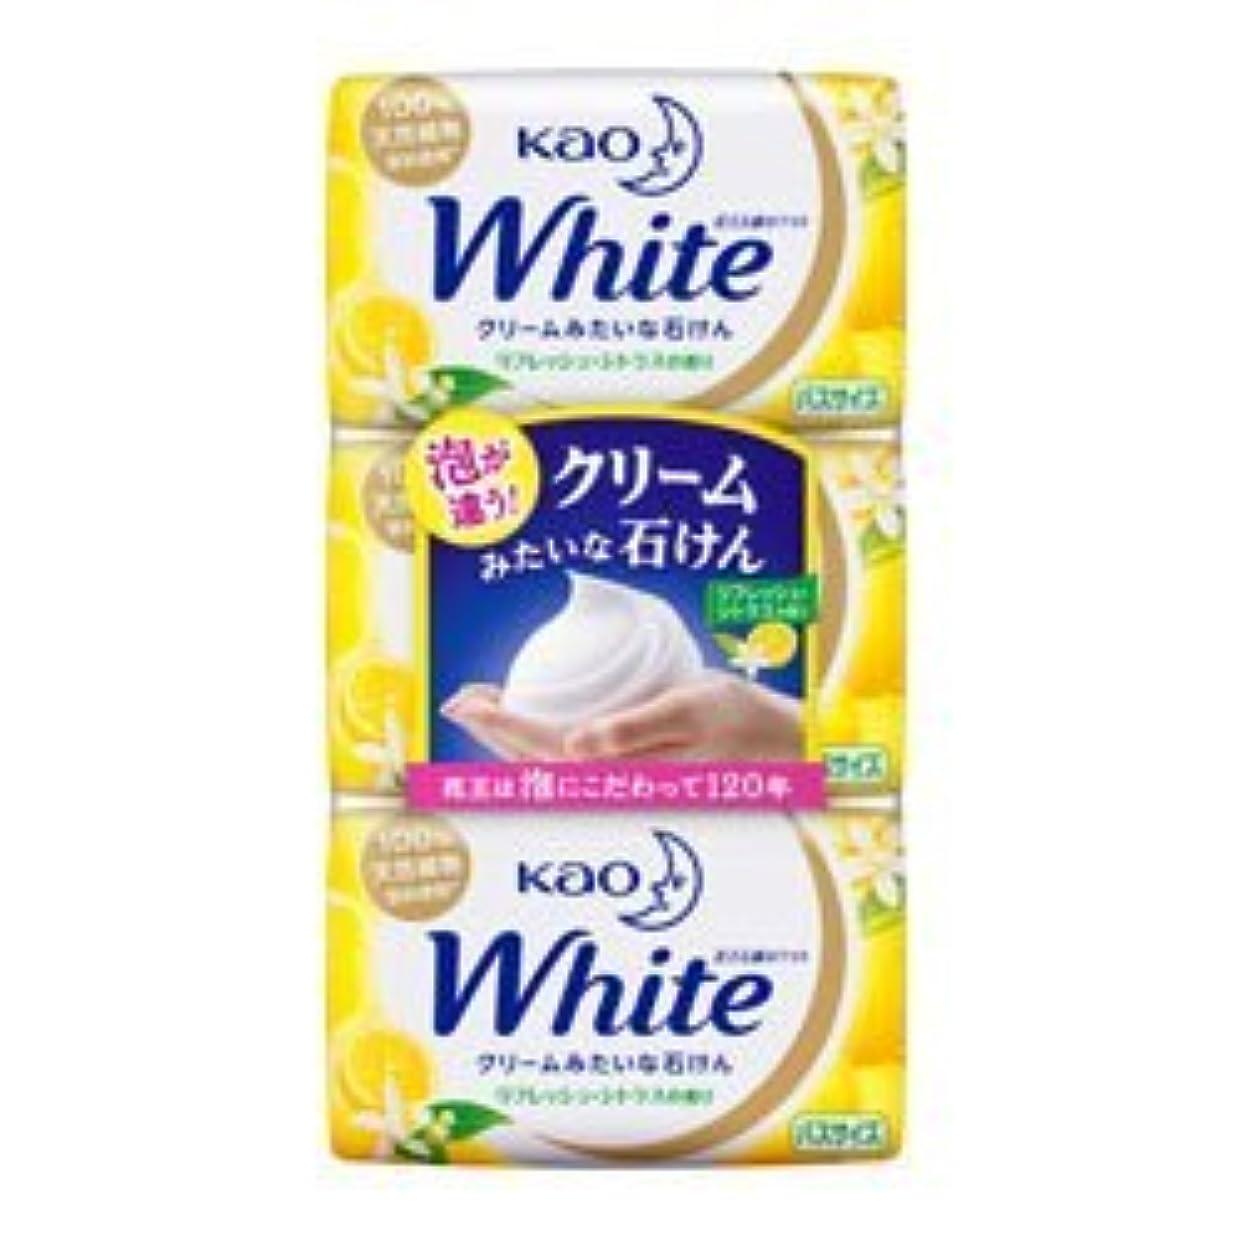 痛み量配列【花王】ホワイト リフレッシュ?シトラスの香り バスサイズ 130g×3個入 ×3個セット